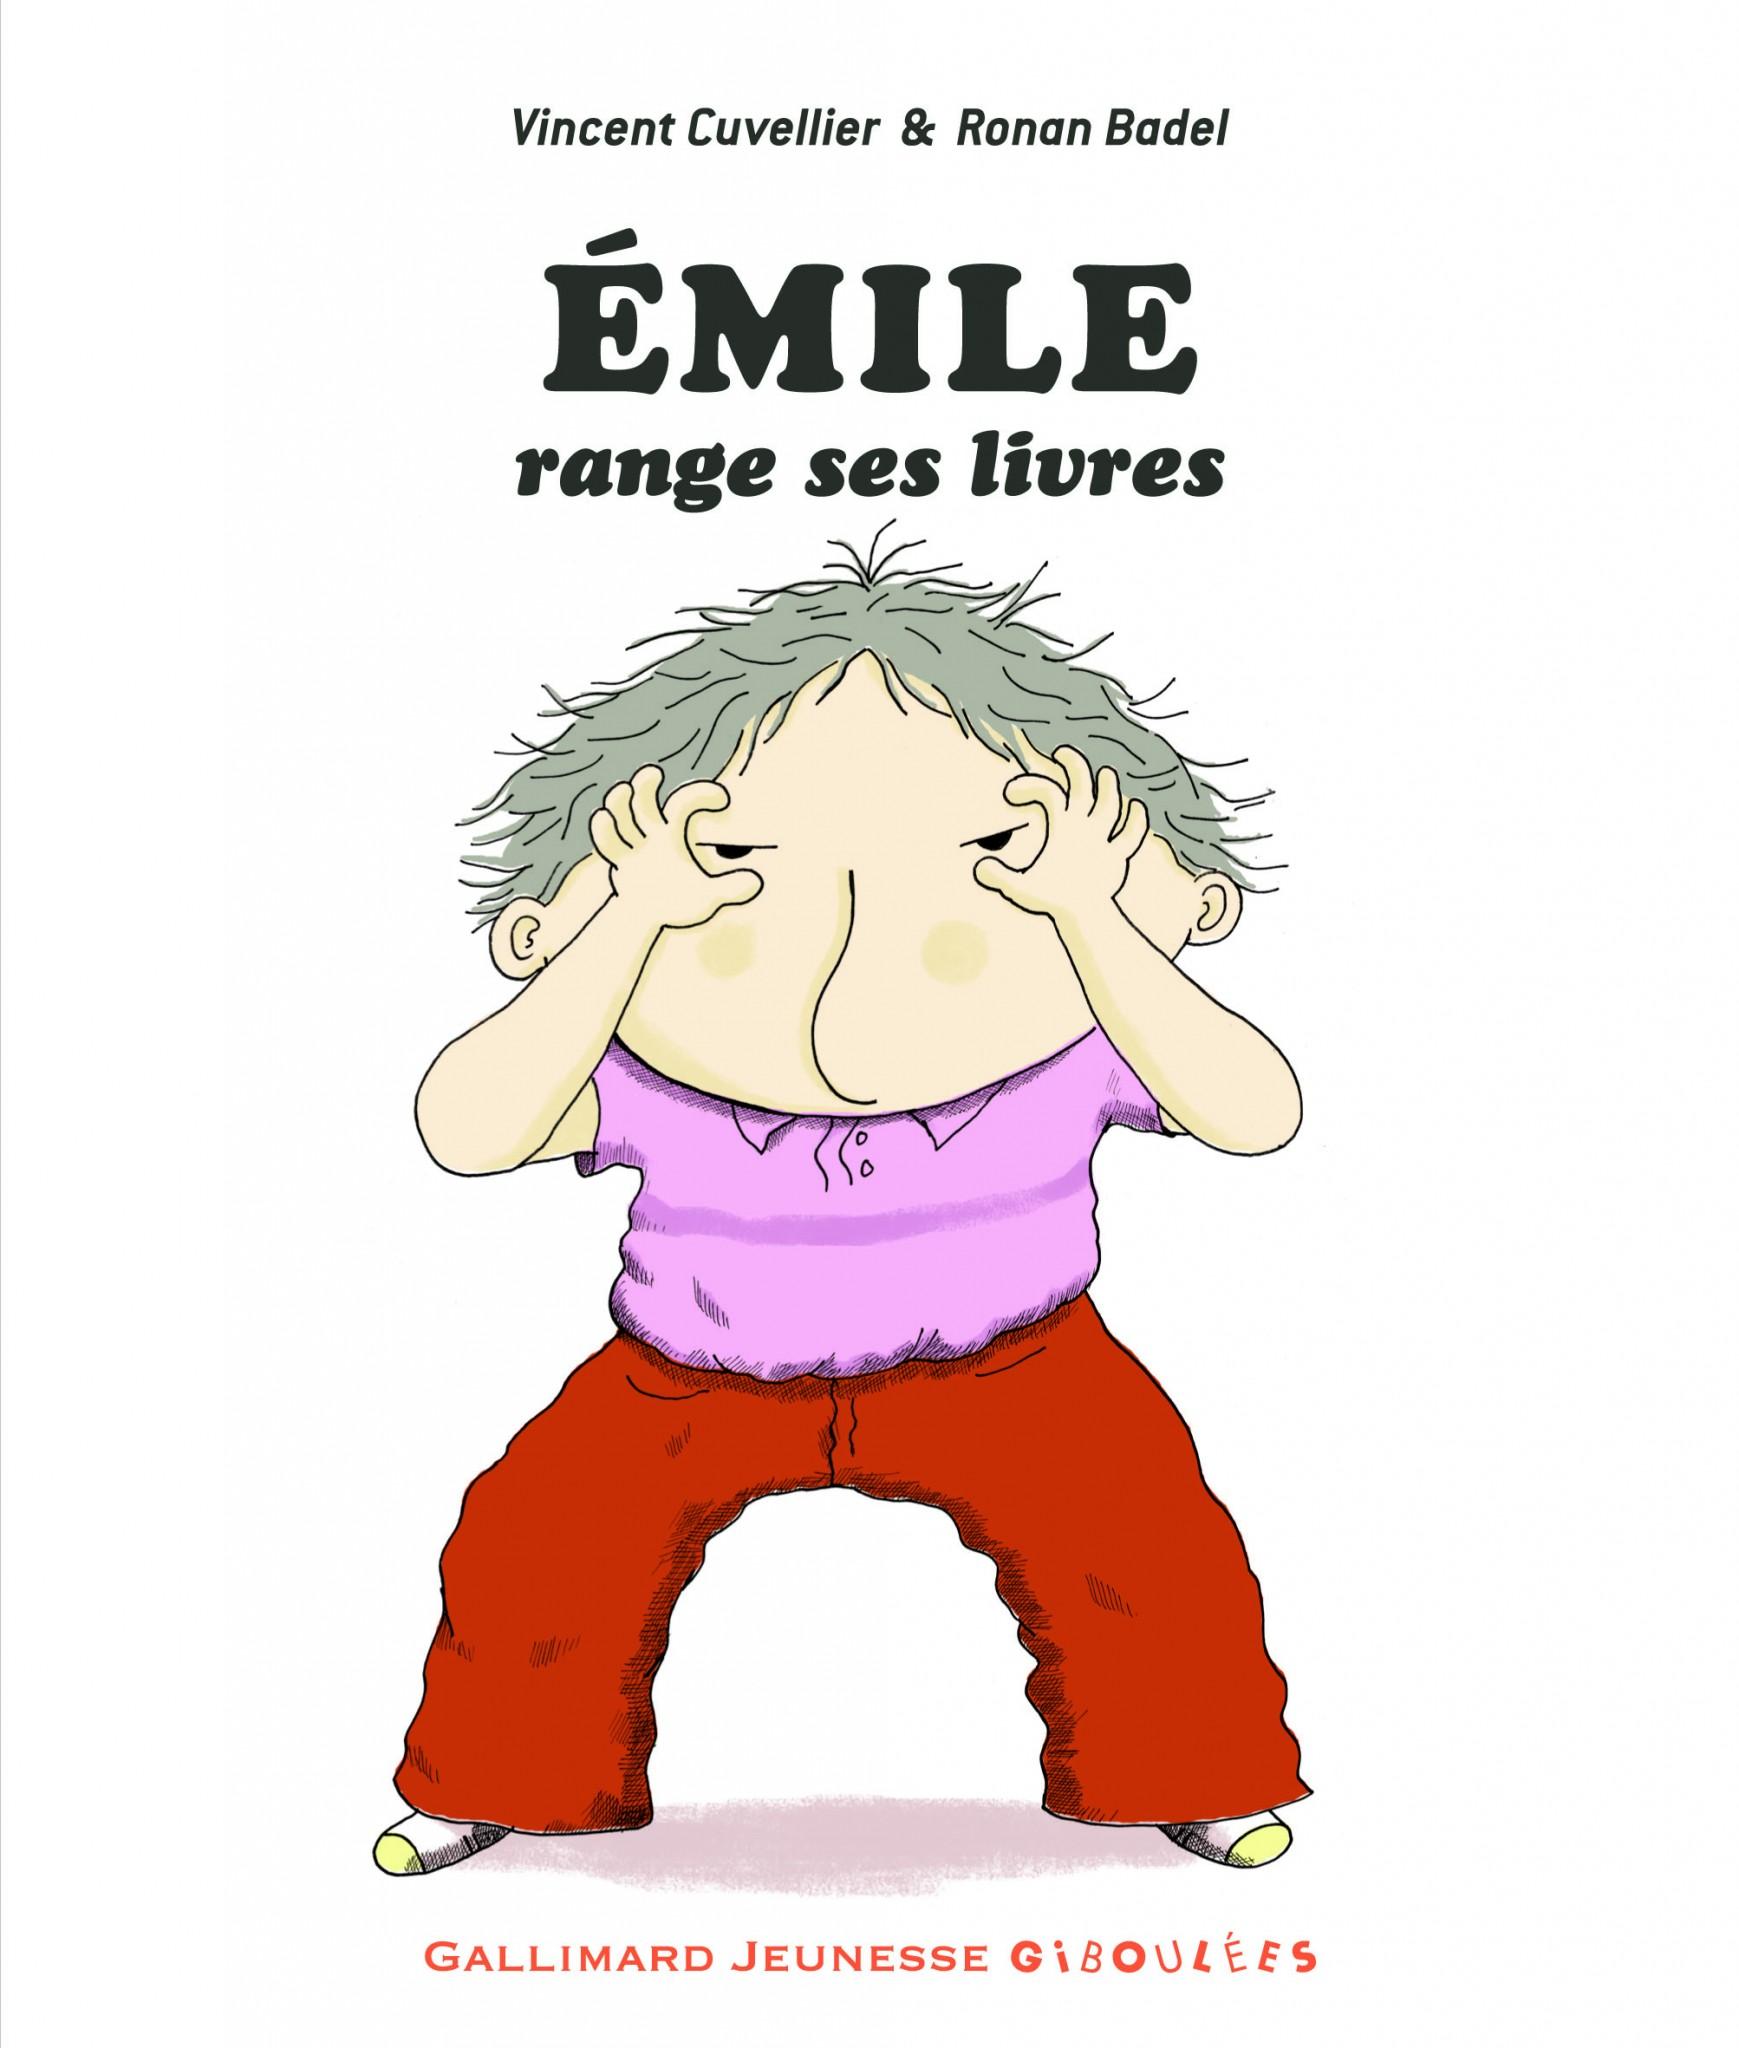 """[CRITIQUE] """"Emile"""" de Vincent Cuvellier et Ronan Badel 2 image"""